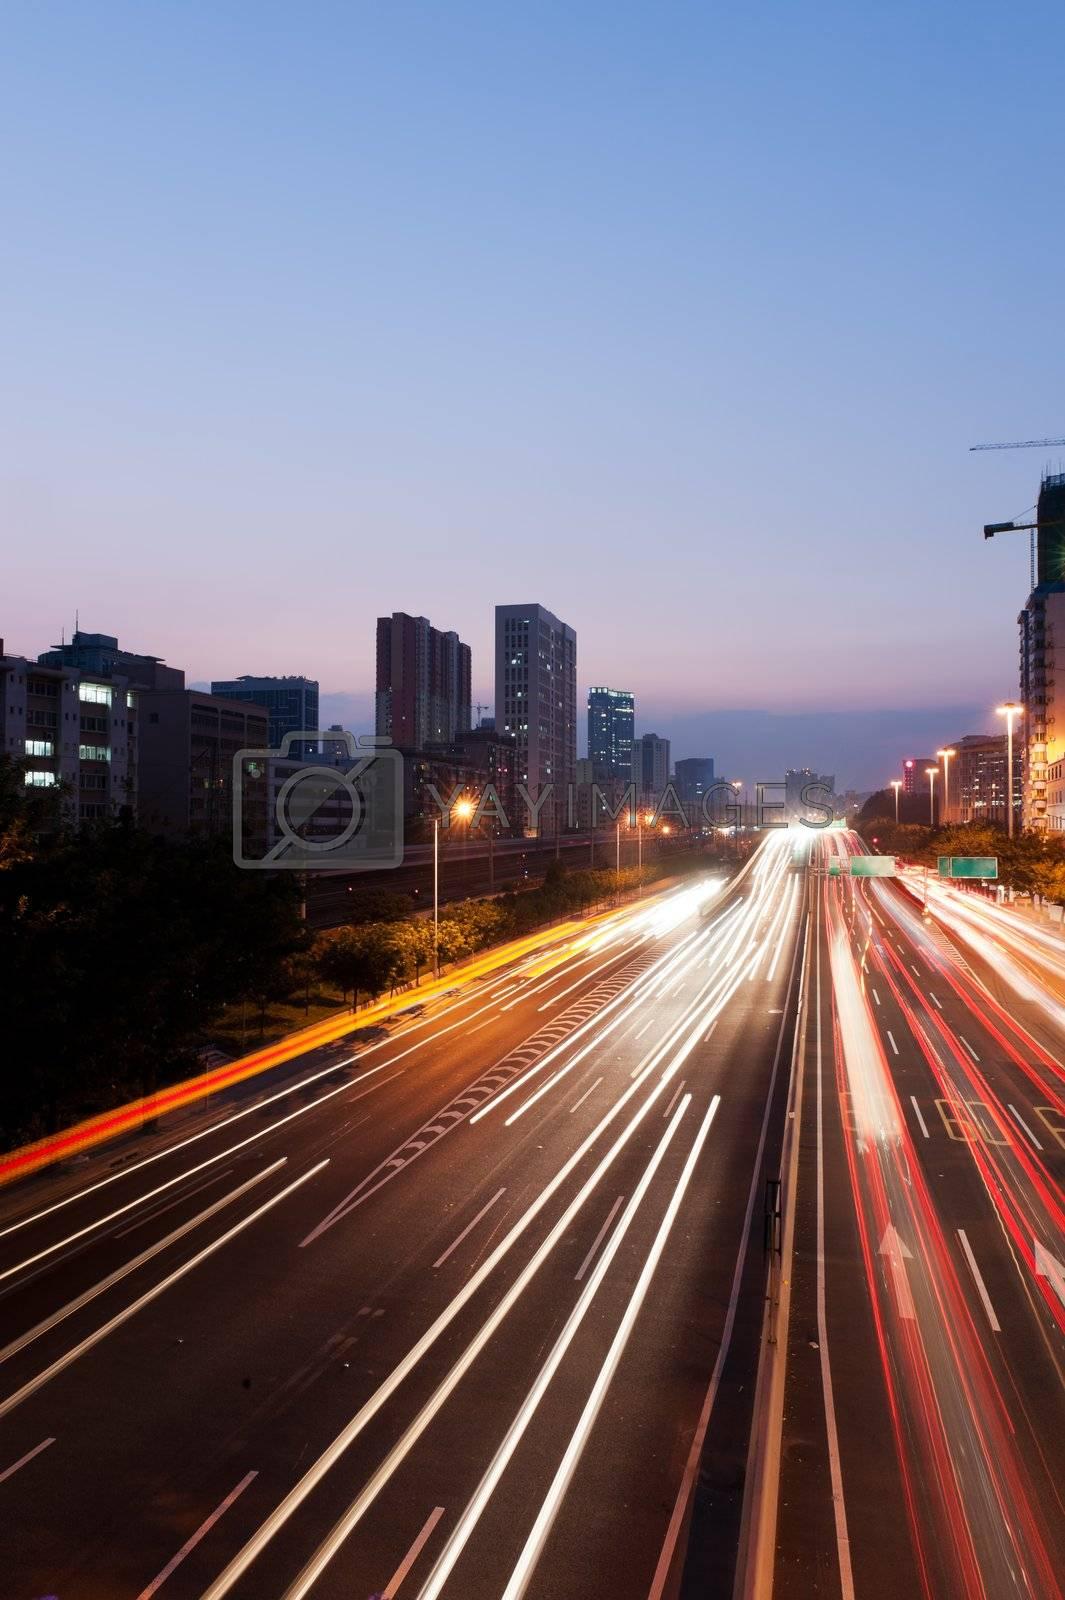 Night scene of express way in Guangzhou, China